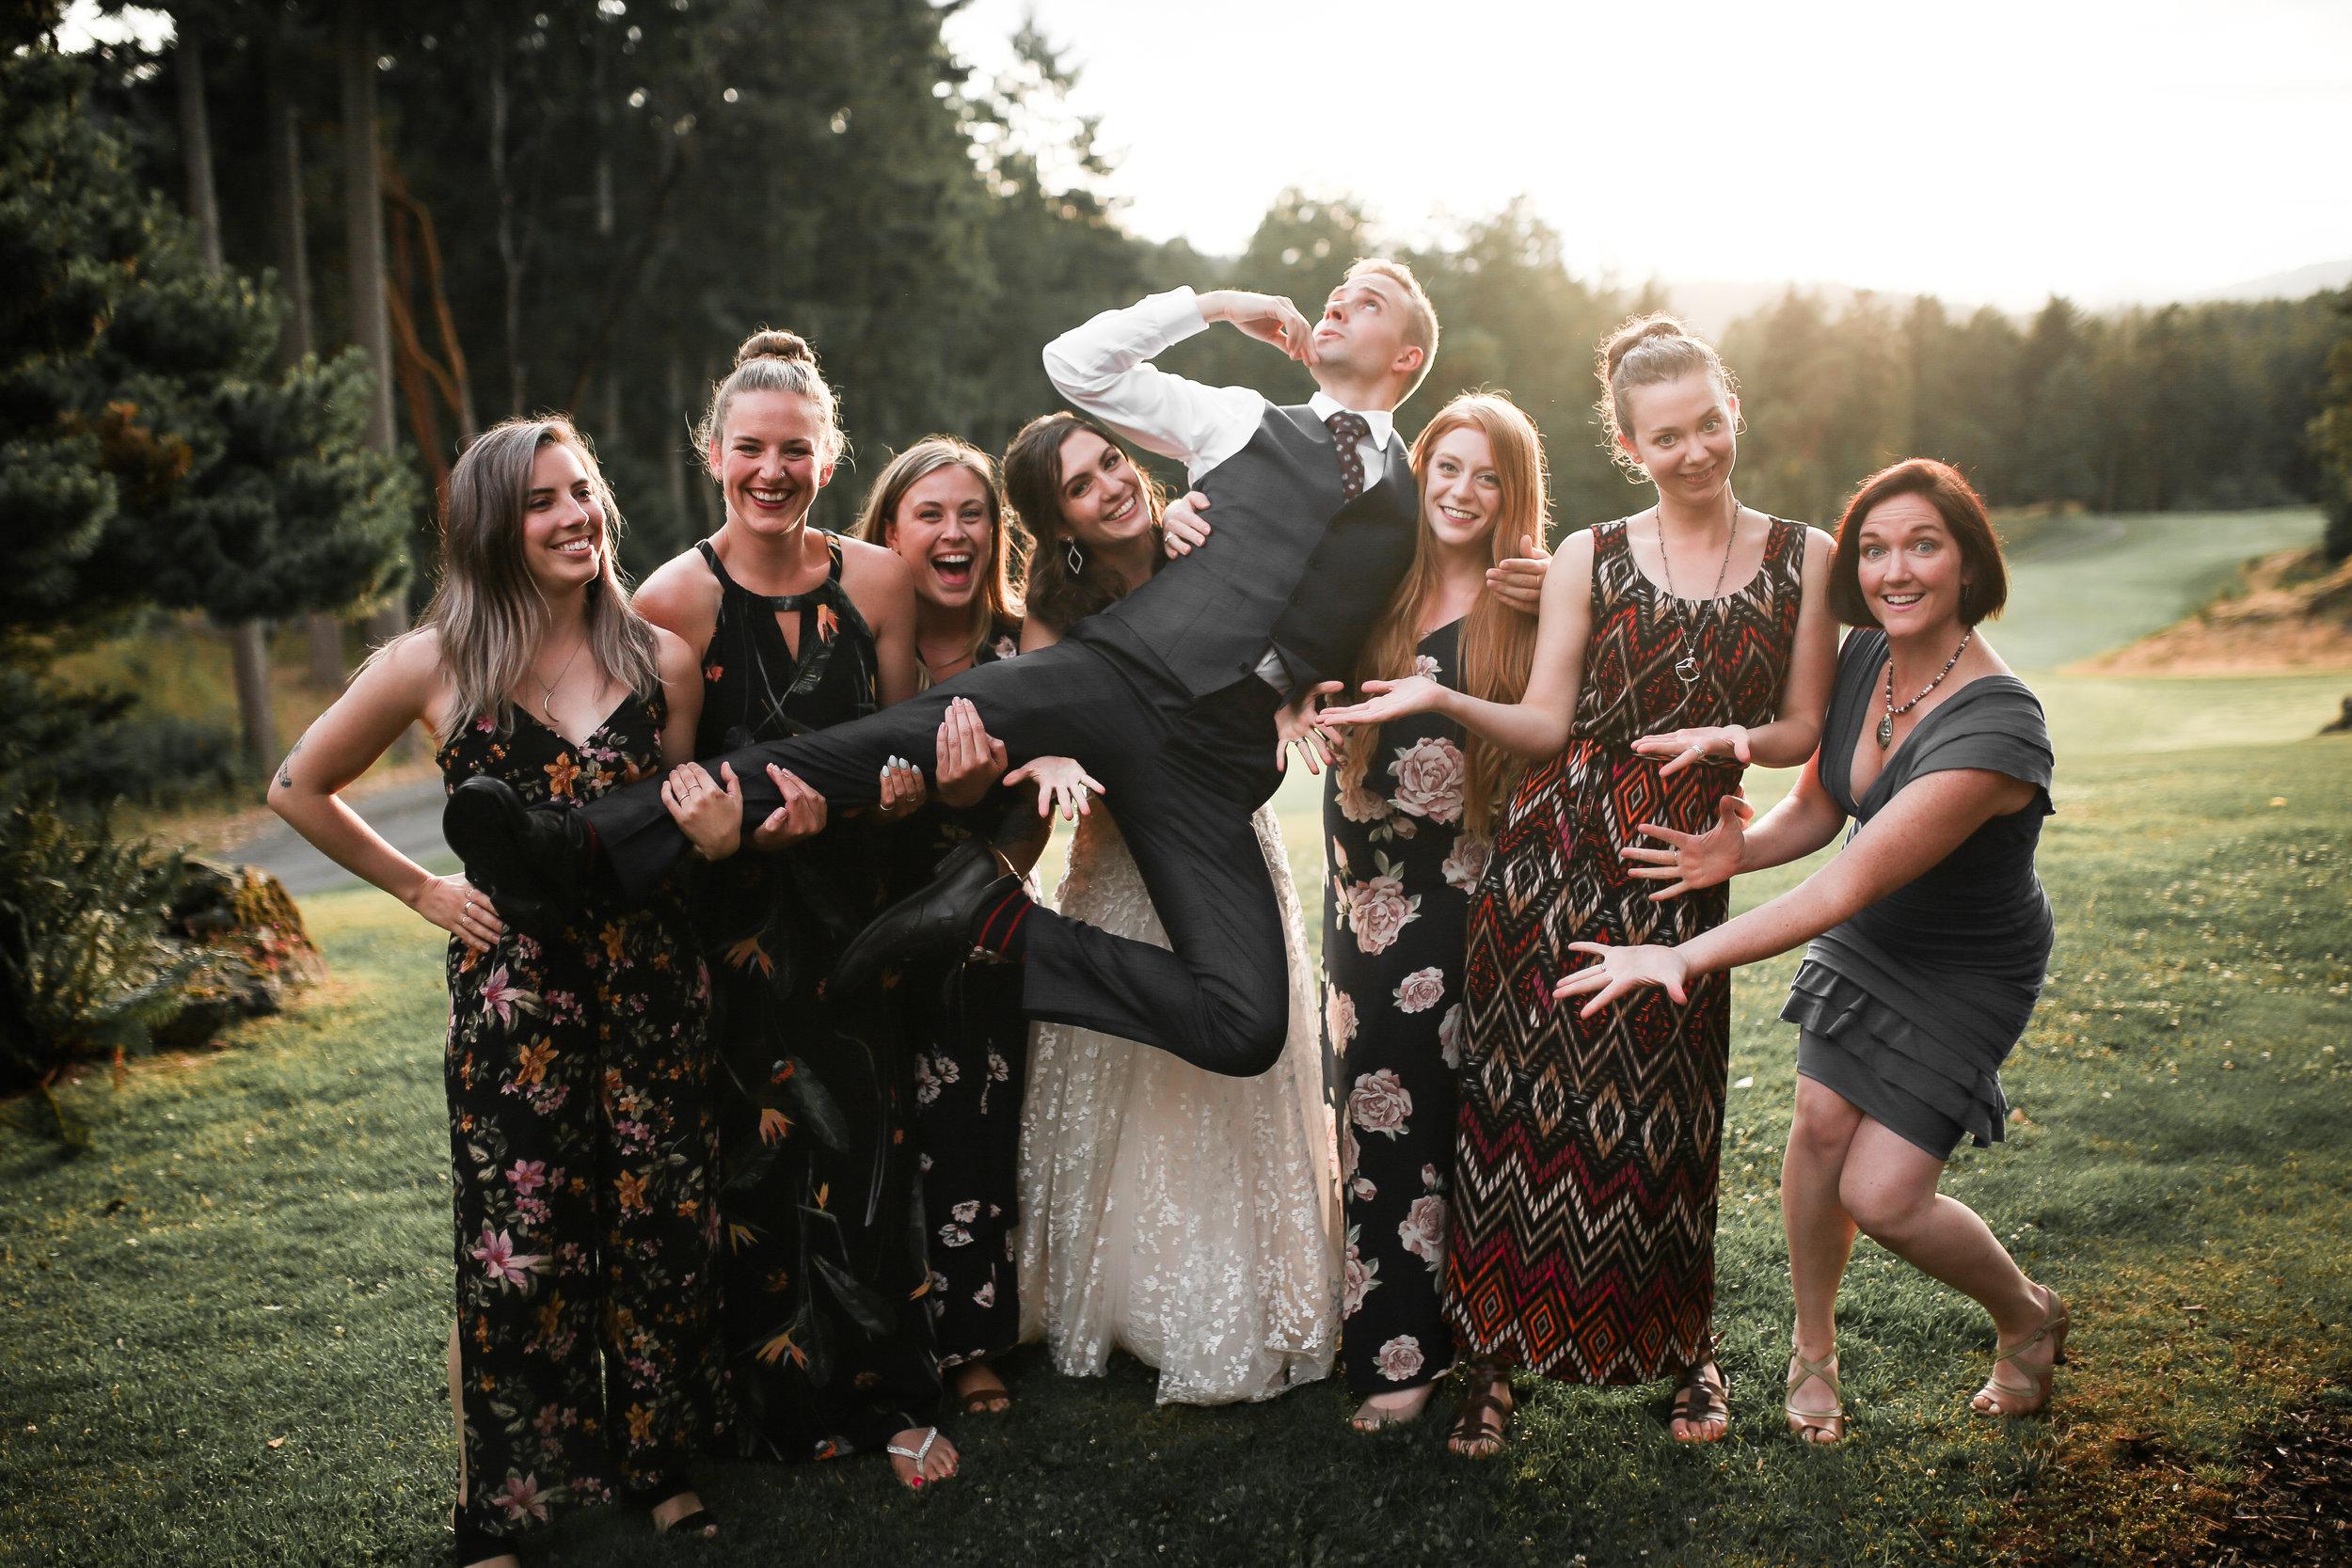 11 Adam Ziorio Photography - Allison & Austin's Wedding.jpg